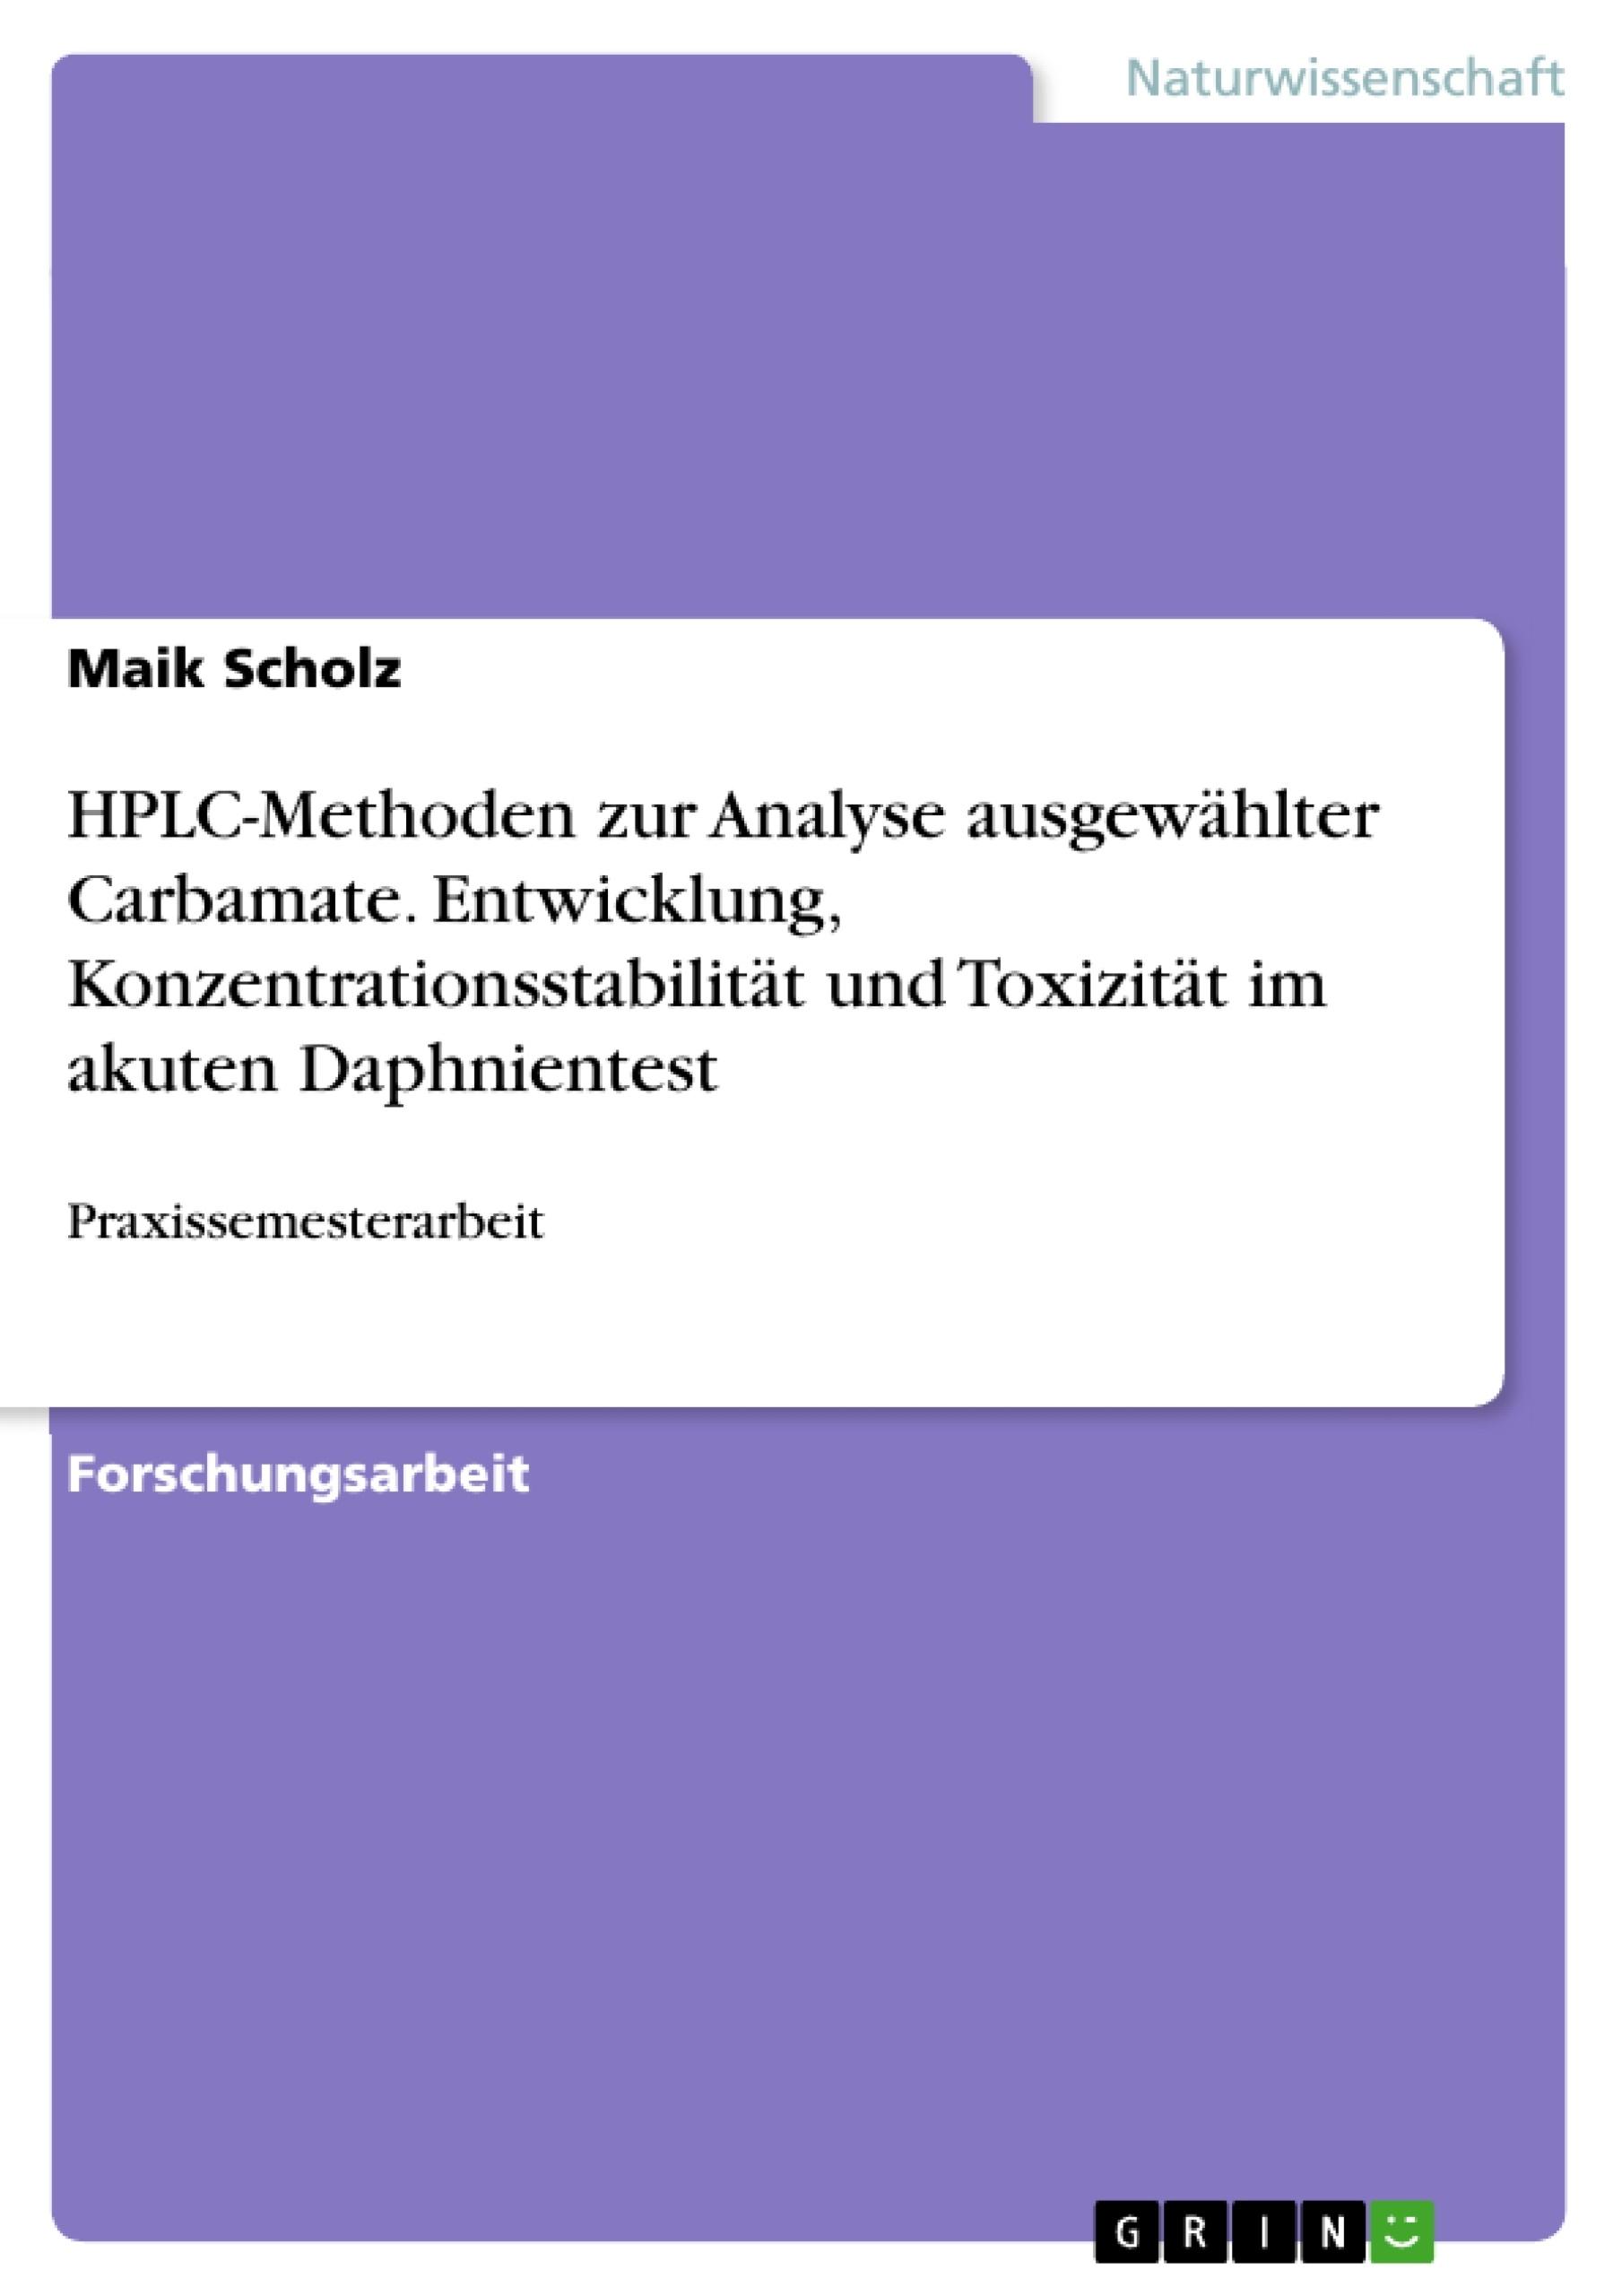 Titel: HPLC-Methoden zur Analyse ausgewählter Carbamate. Entwicklung, Konzentrationsstabilität und Toxizität im akuten Daphnientest